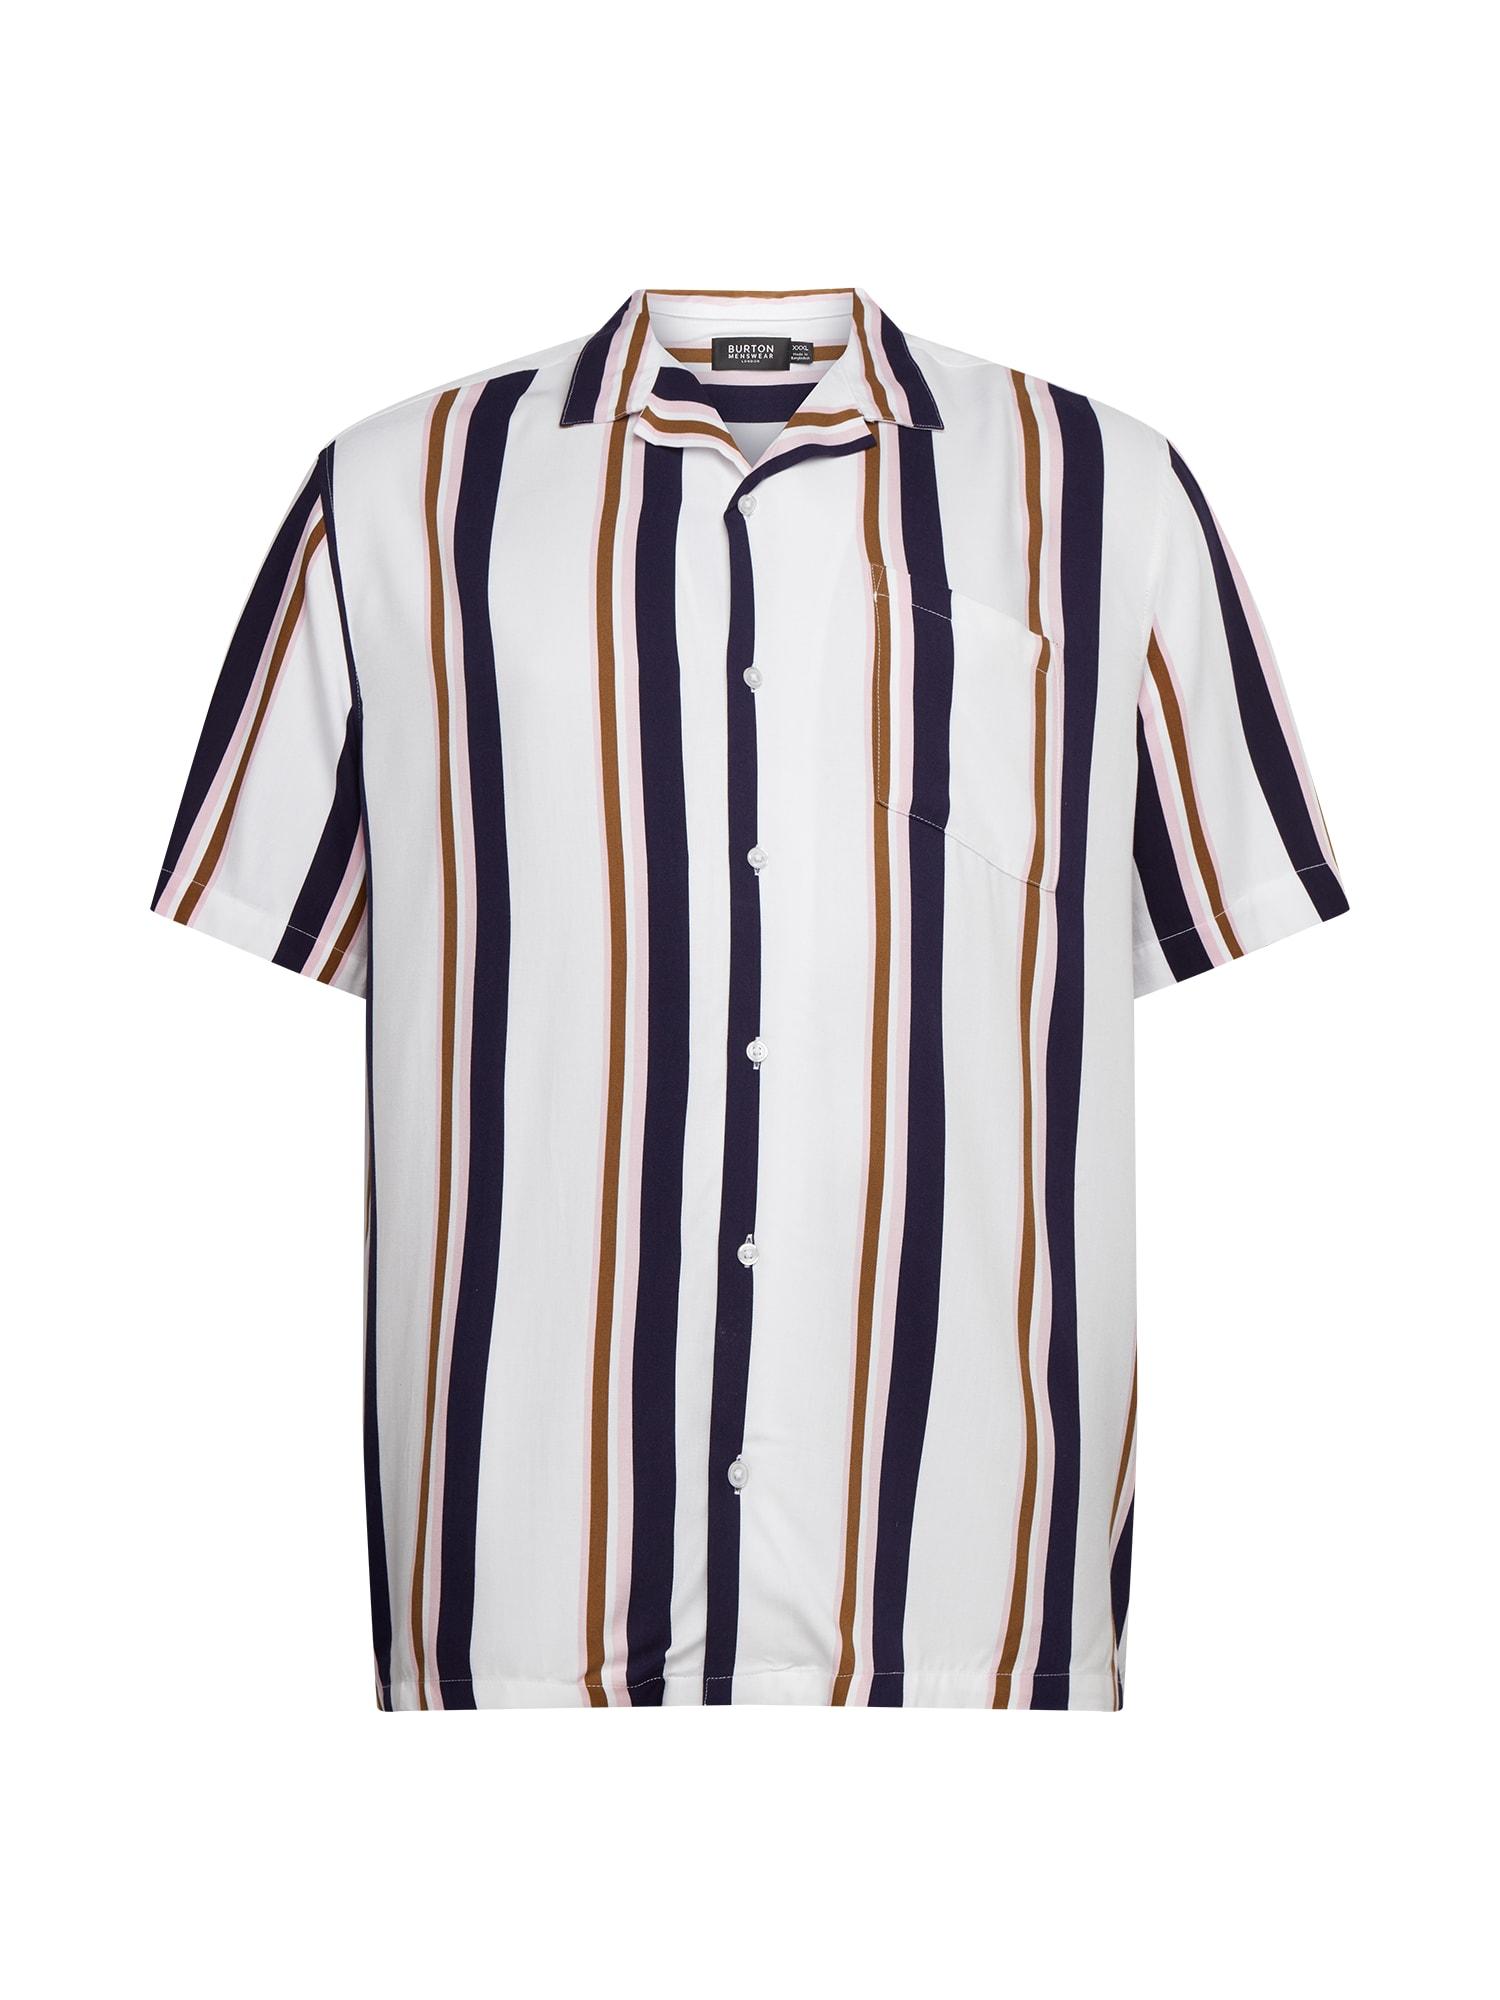 BURTON MENSWEAR LONDON Marškiniai balta / tamsiai mėlyna jūros spalva / ruda / ryškiai rožinė spalva